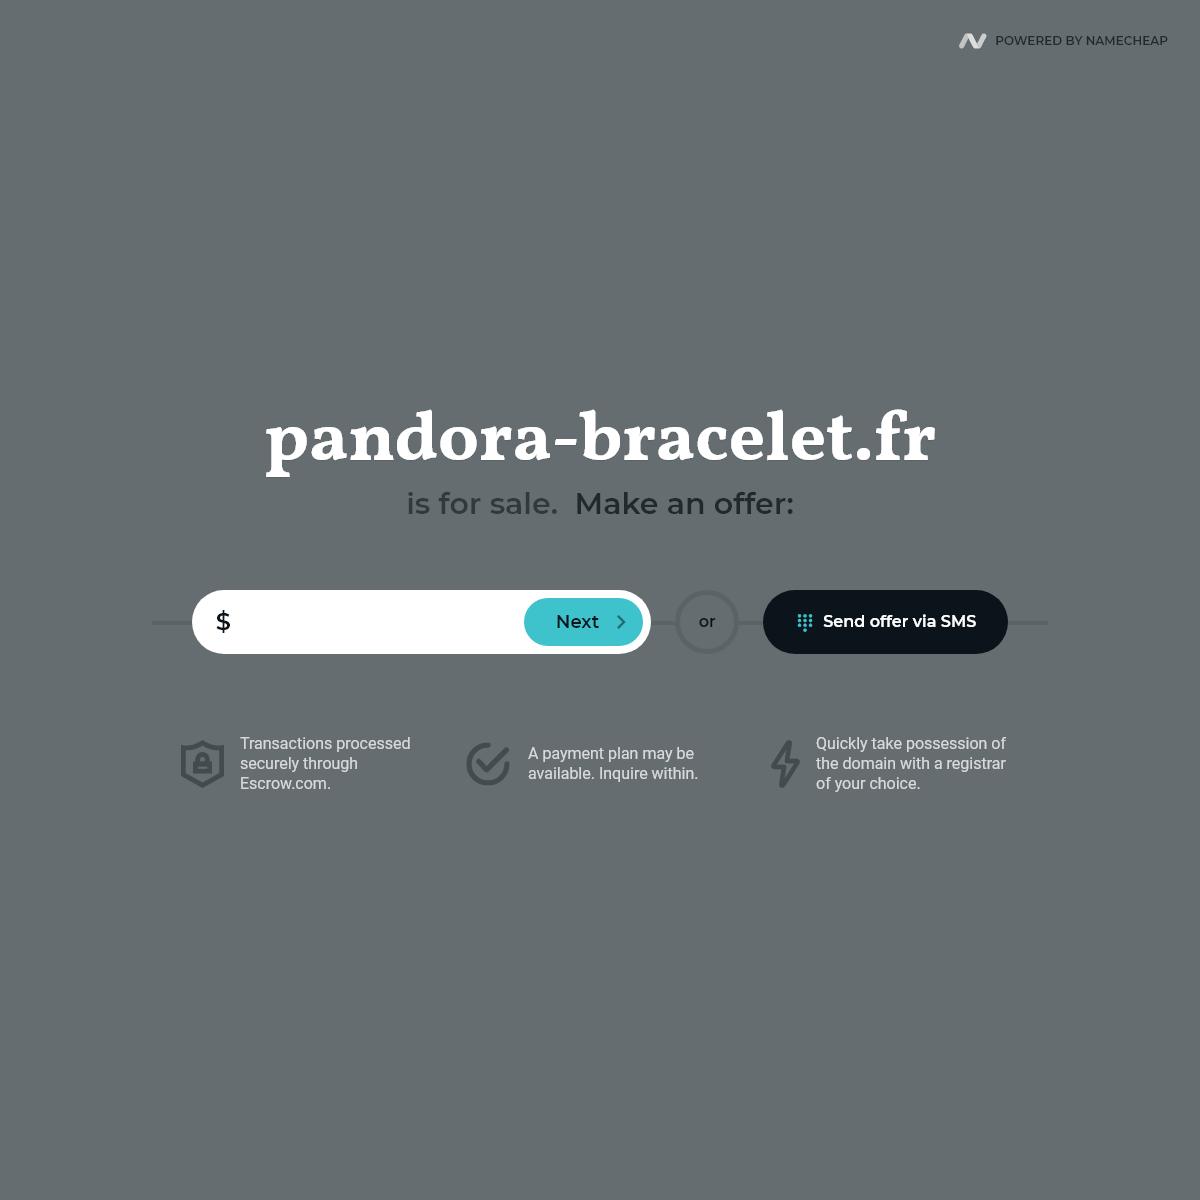 pandora-bracelet.fr is for sale